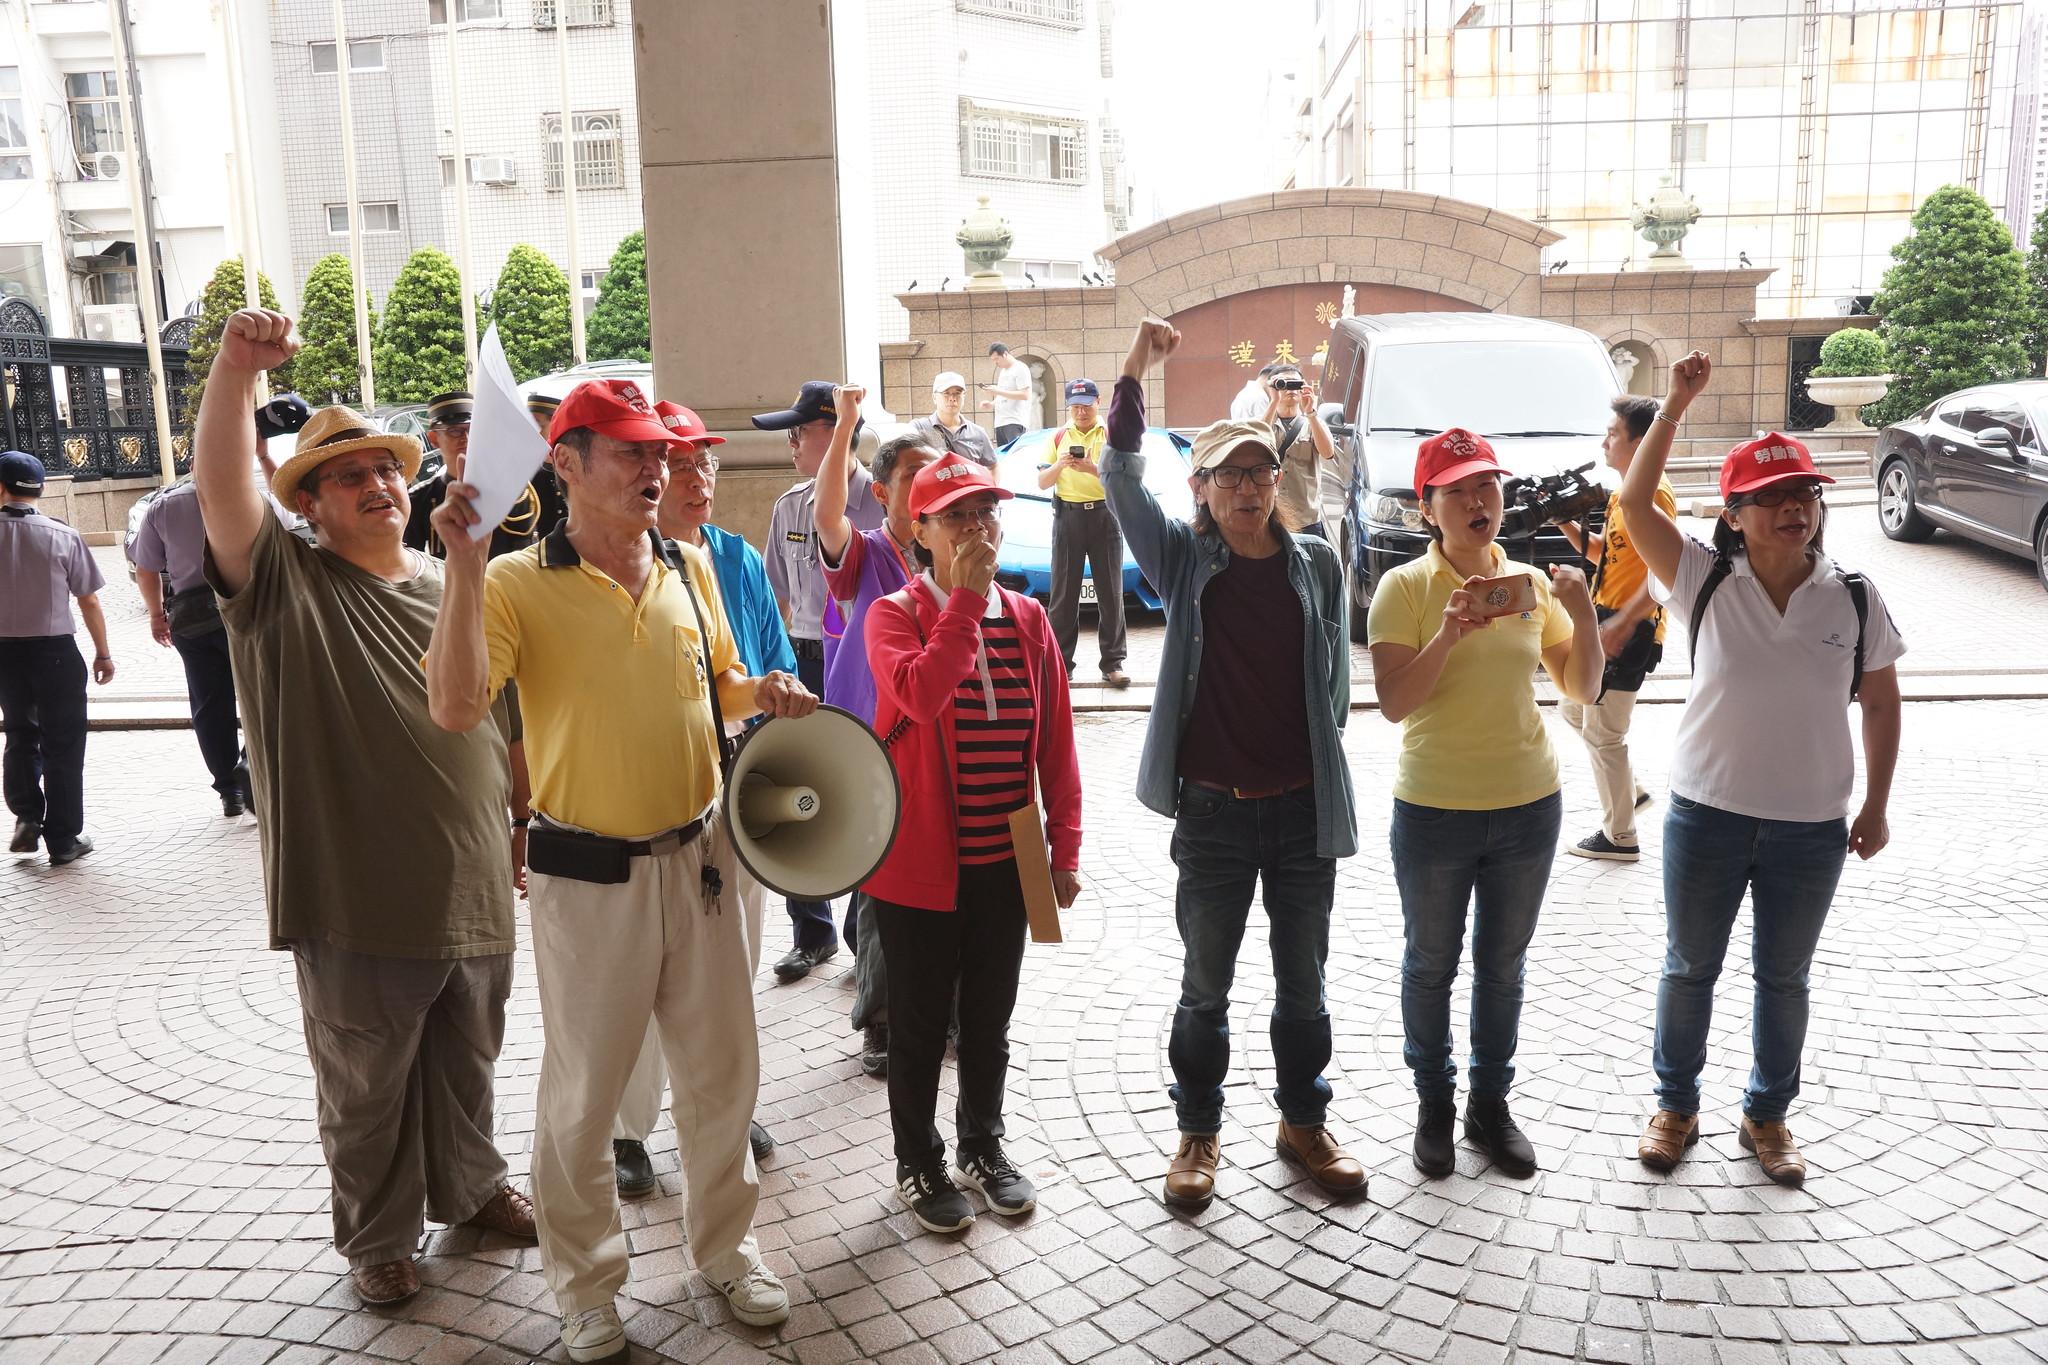 勞動黨在召開記者會後派出代表前往會場門口陳情。(攝影:王顥中)